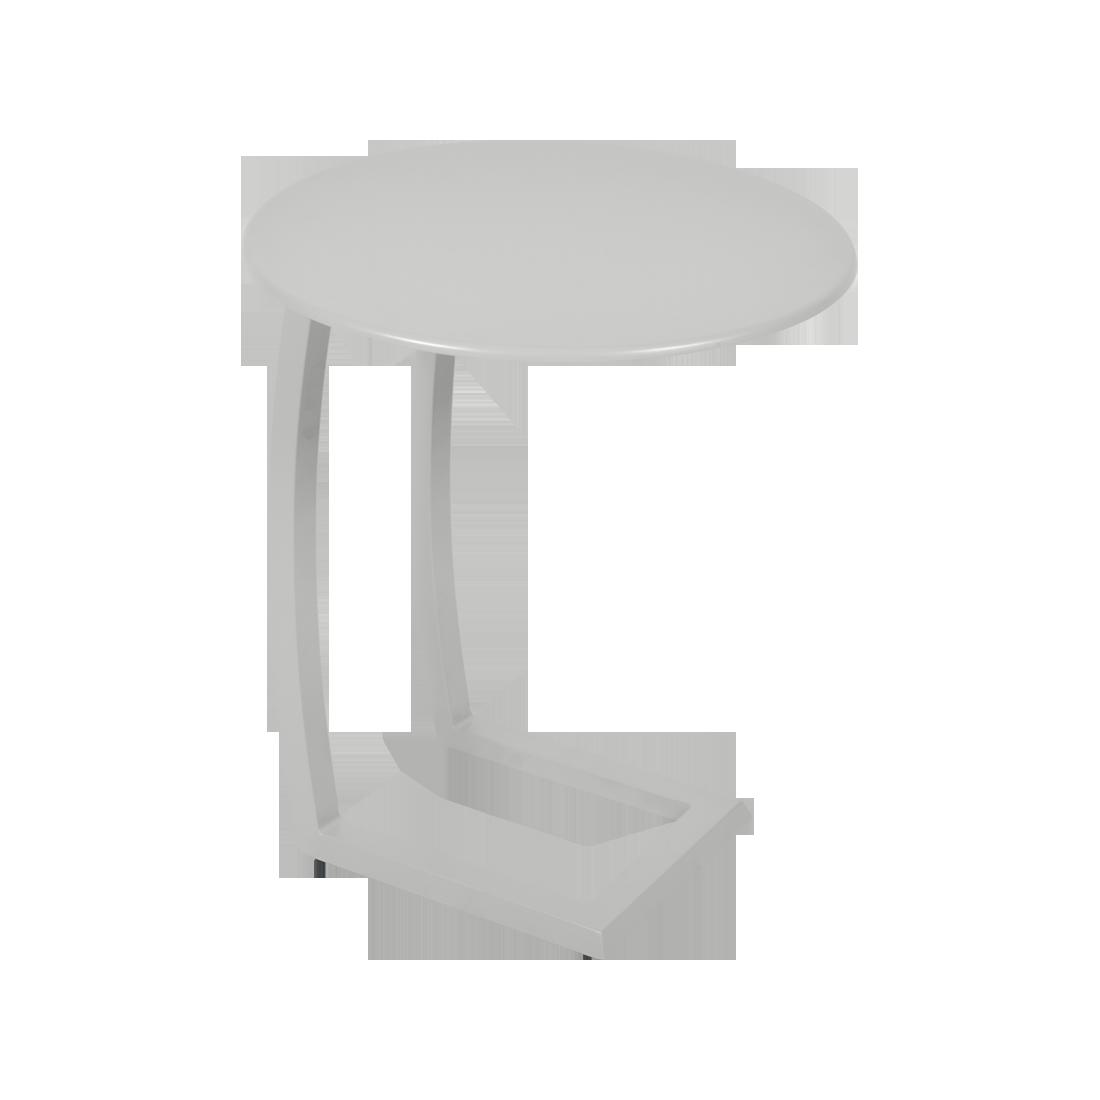 table basse chaise longue gris, table basse aluminium, table basse bain de soleil